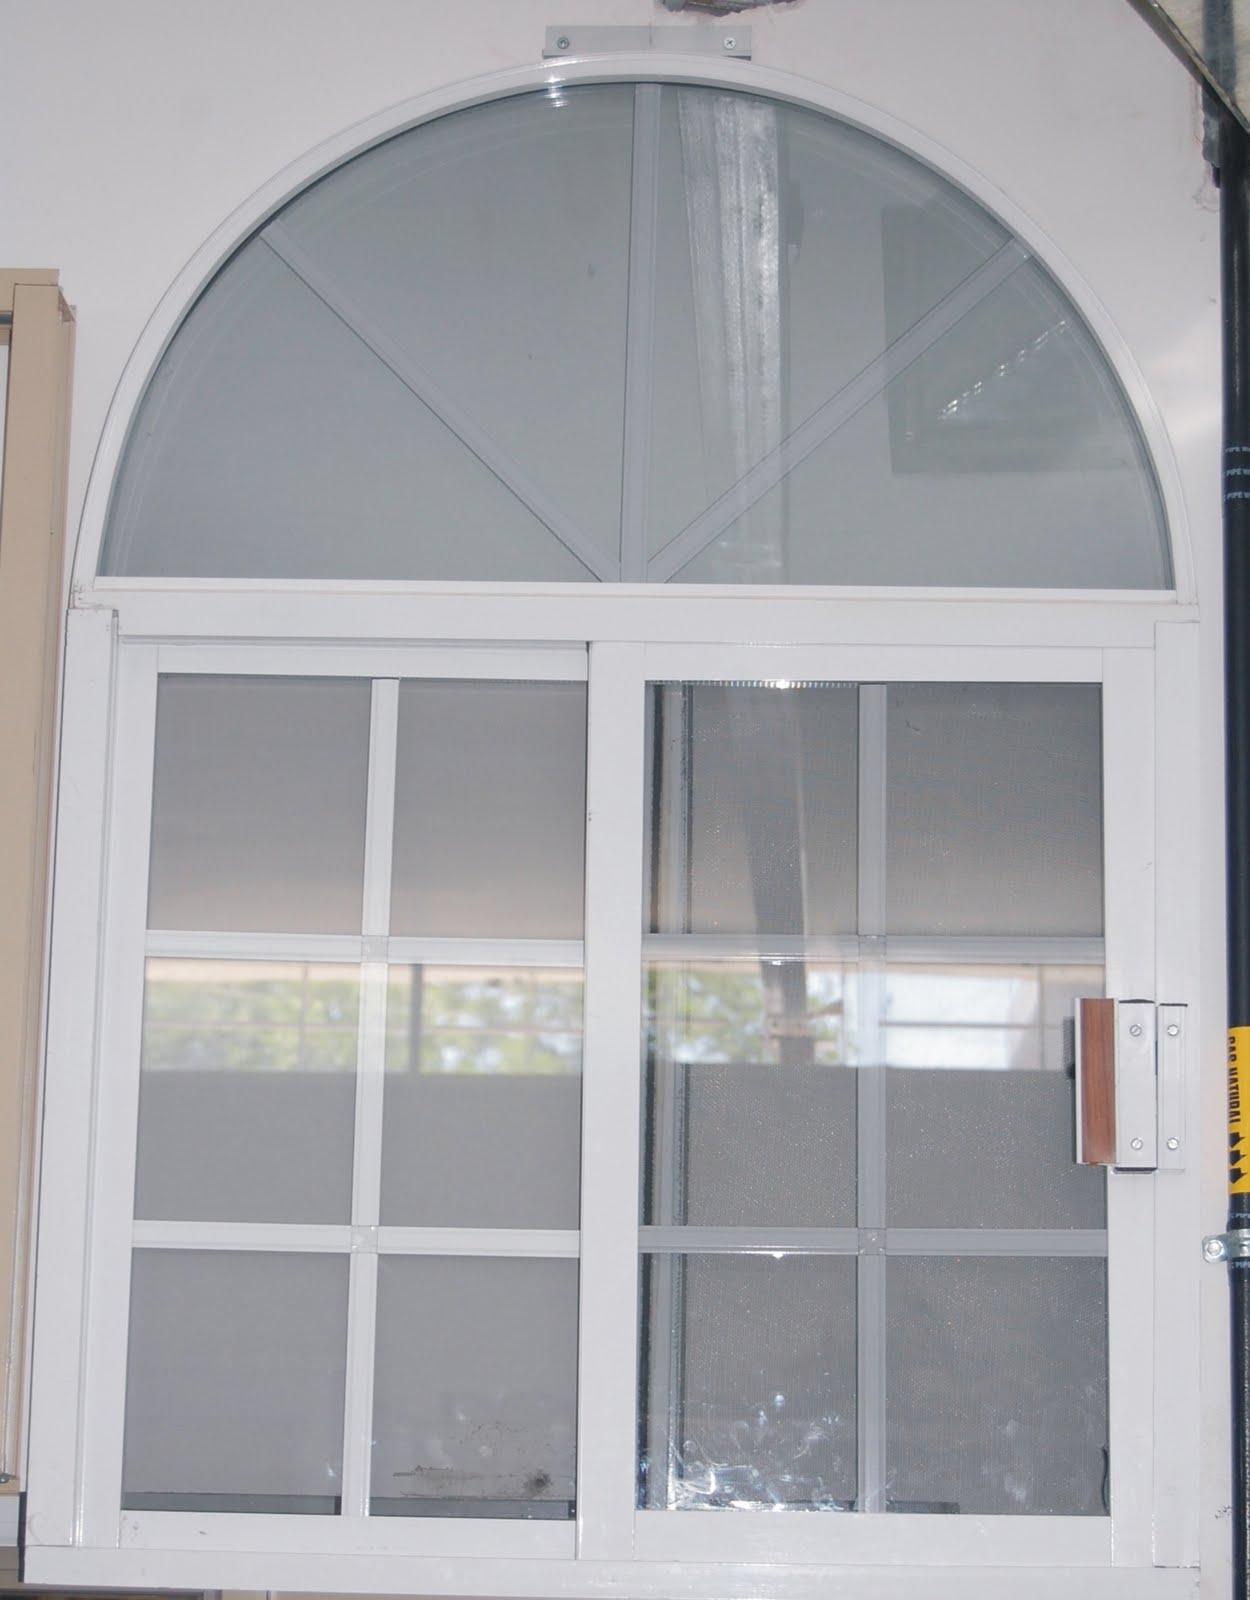 Ventanas y puertas t rmicas ventana de doble vidrio con - Ventanas doble cristal ...